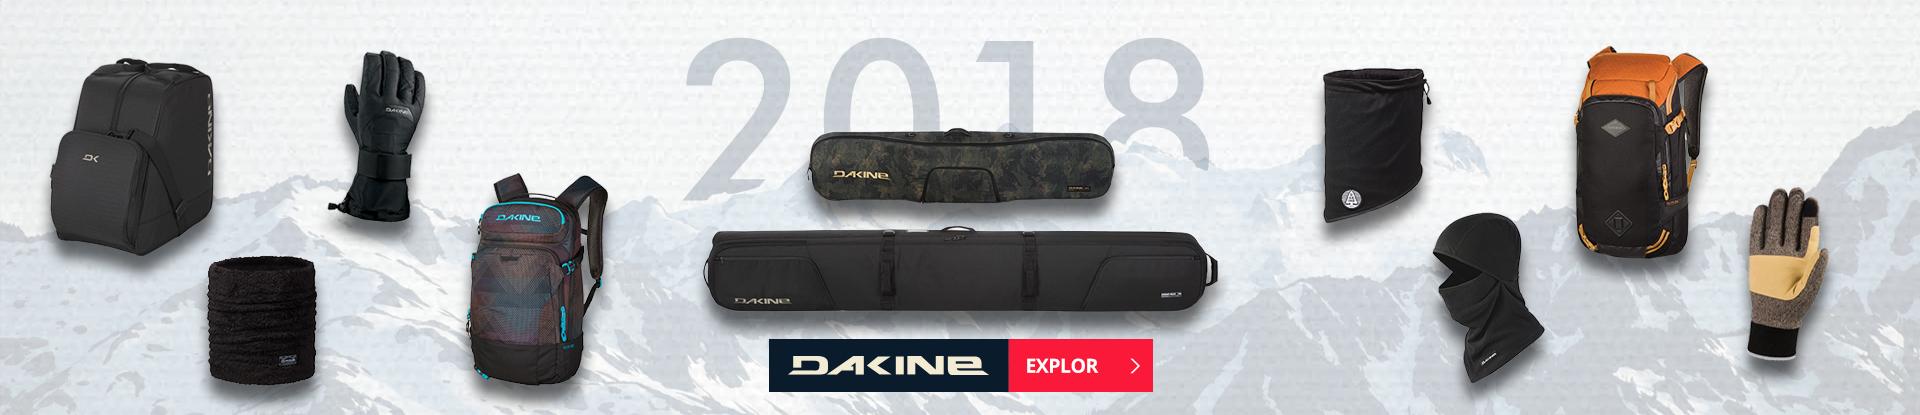 Dakine 2018